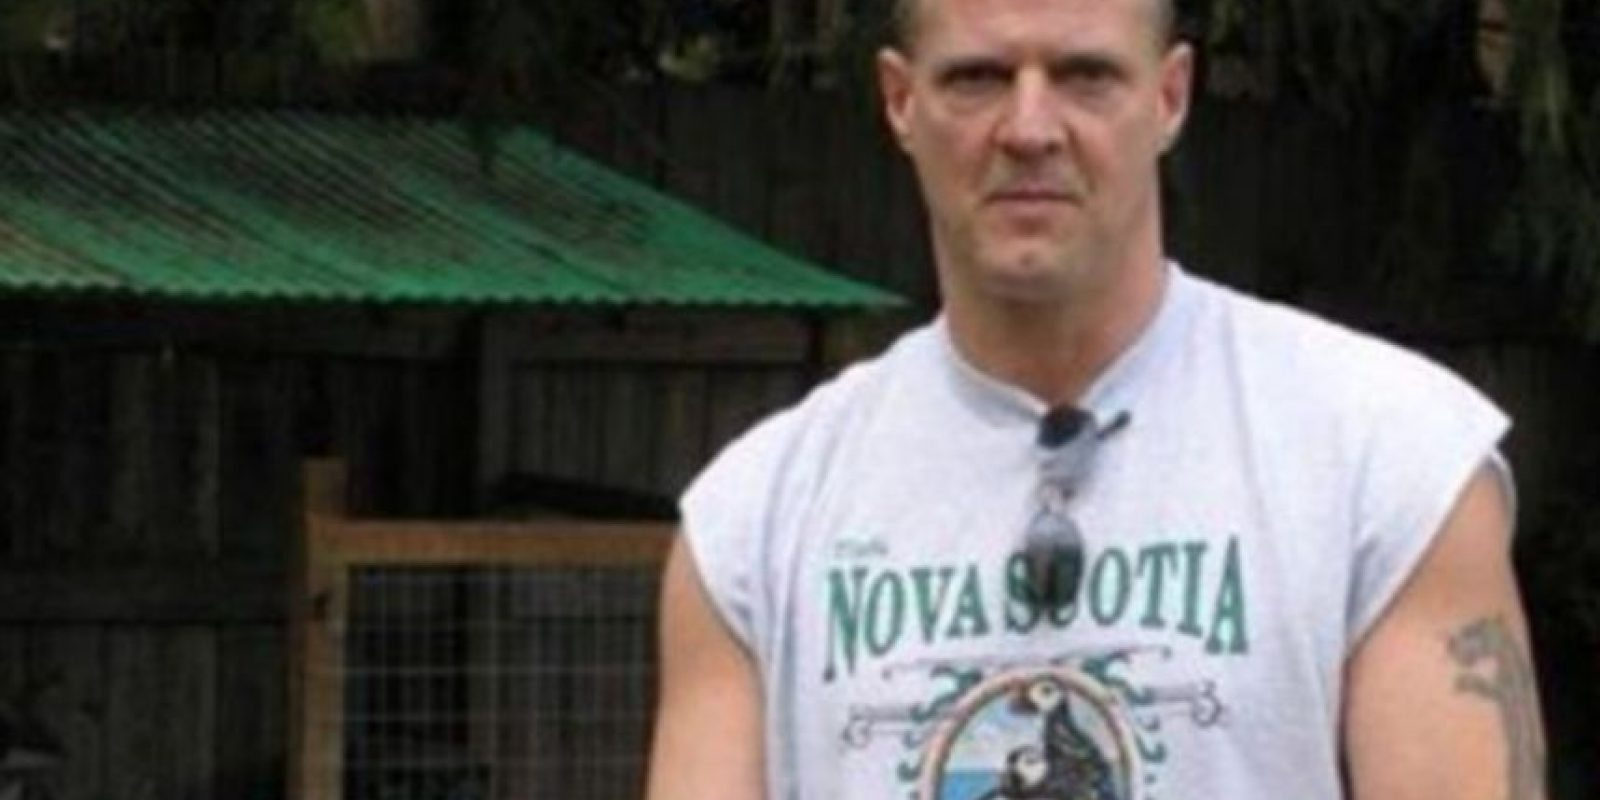 Randy Jazen de Columbia Británica en Canadá publicó un mensaje desgarrador en su cuenta de Facebook, en el cual confesaba que había matado a su hija y a su esposa Foto:facebook.com/randy.janzen.161